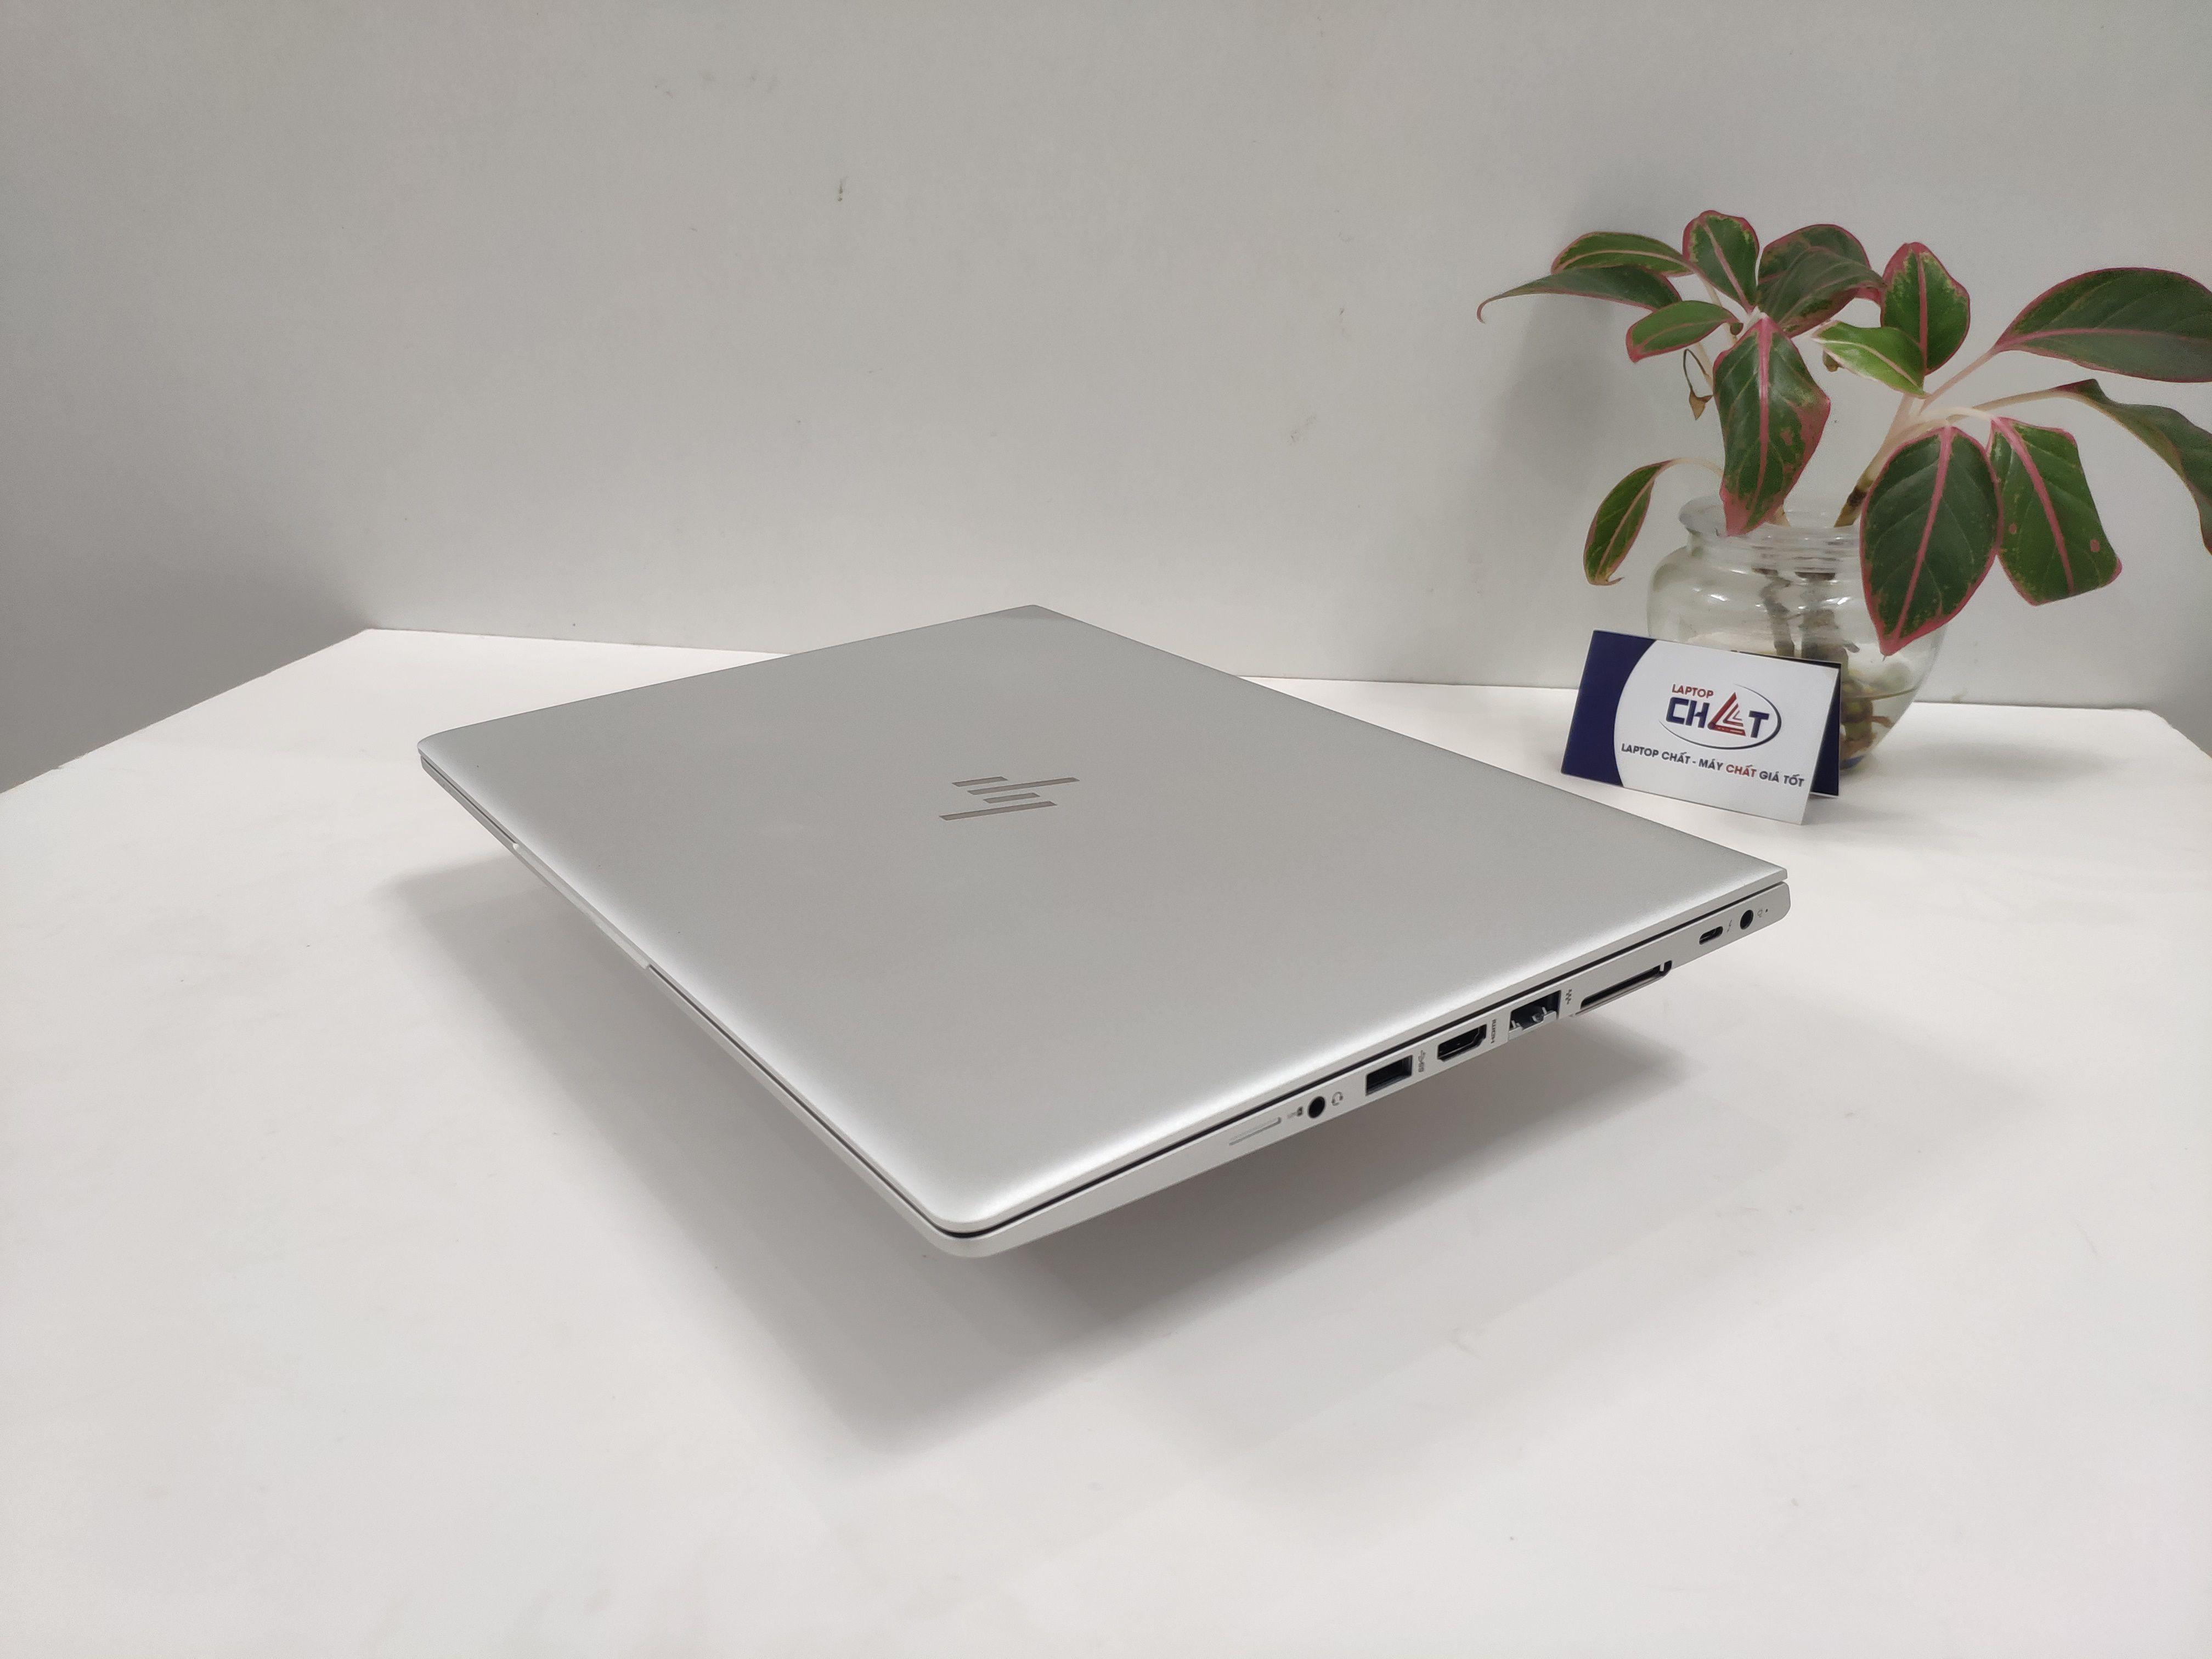 HP EliteBook 840 G6 i5